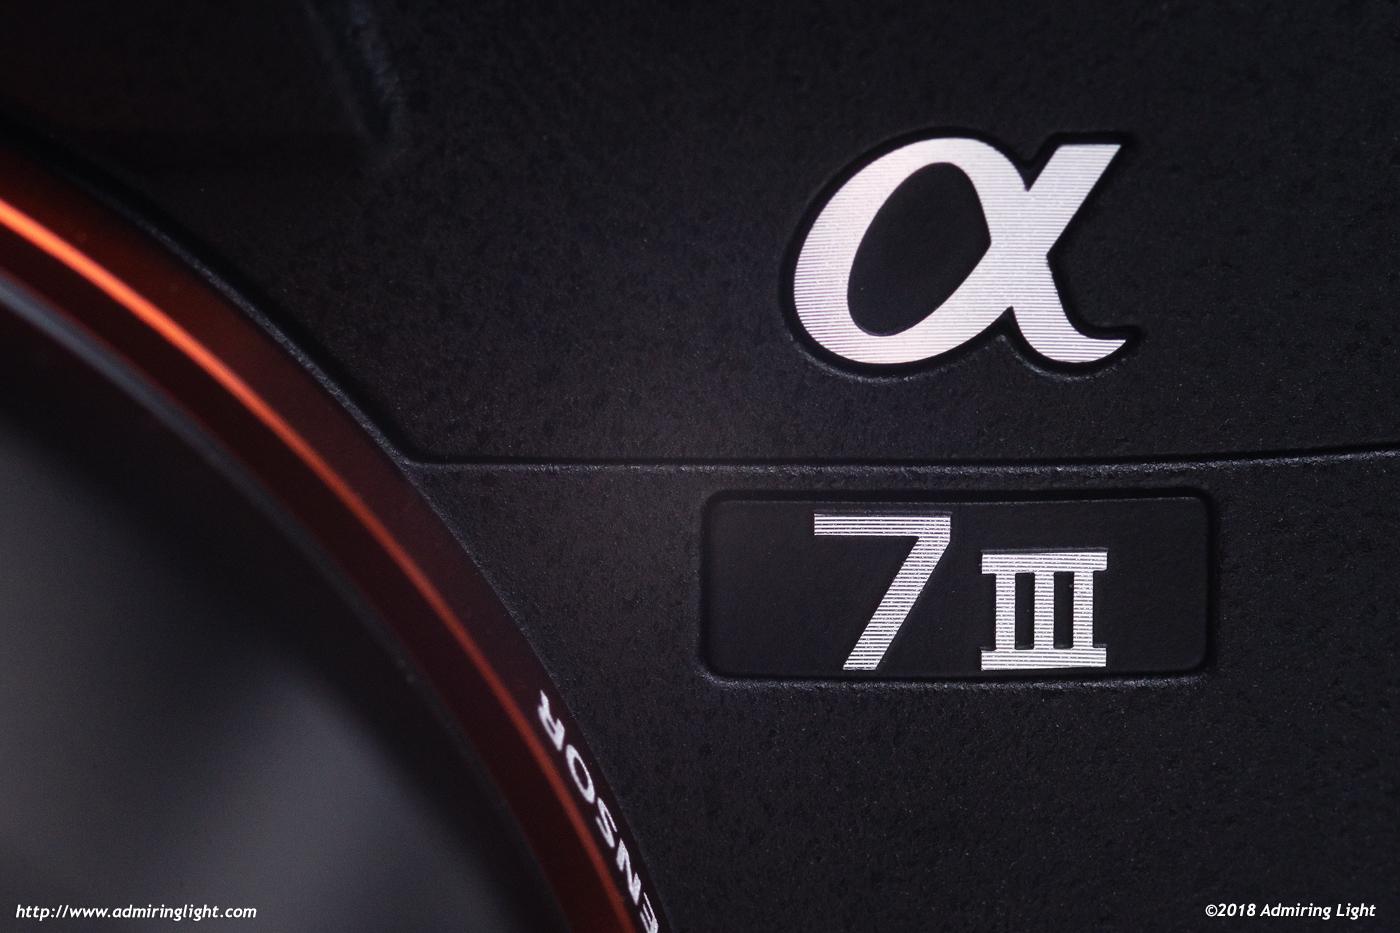 A7 III